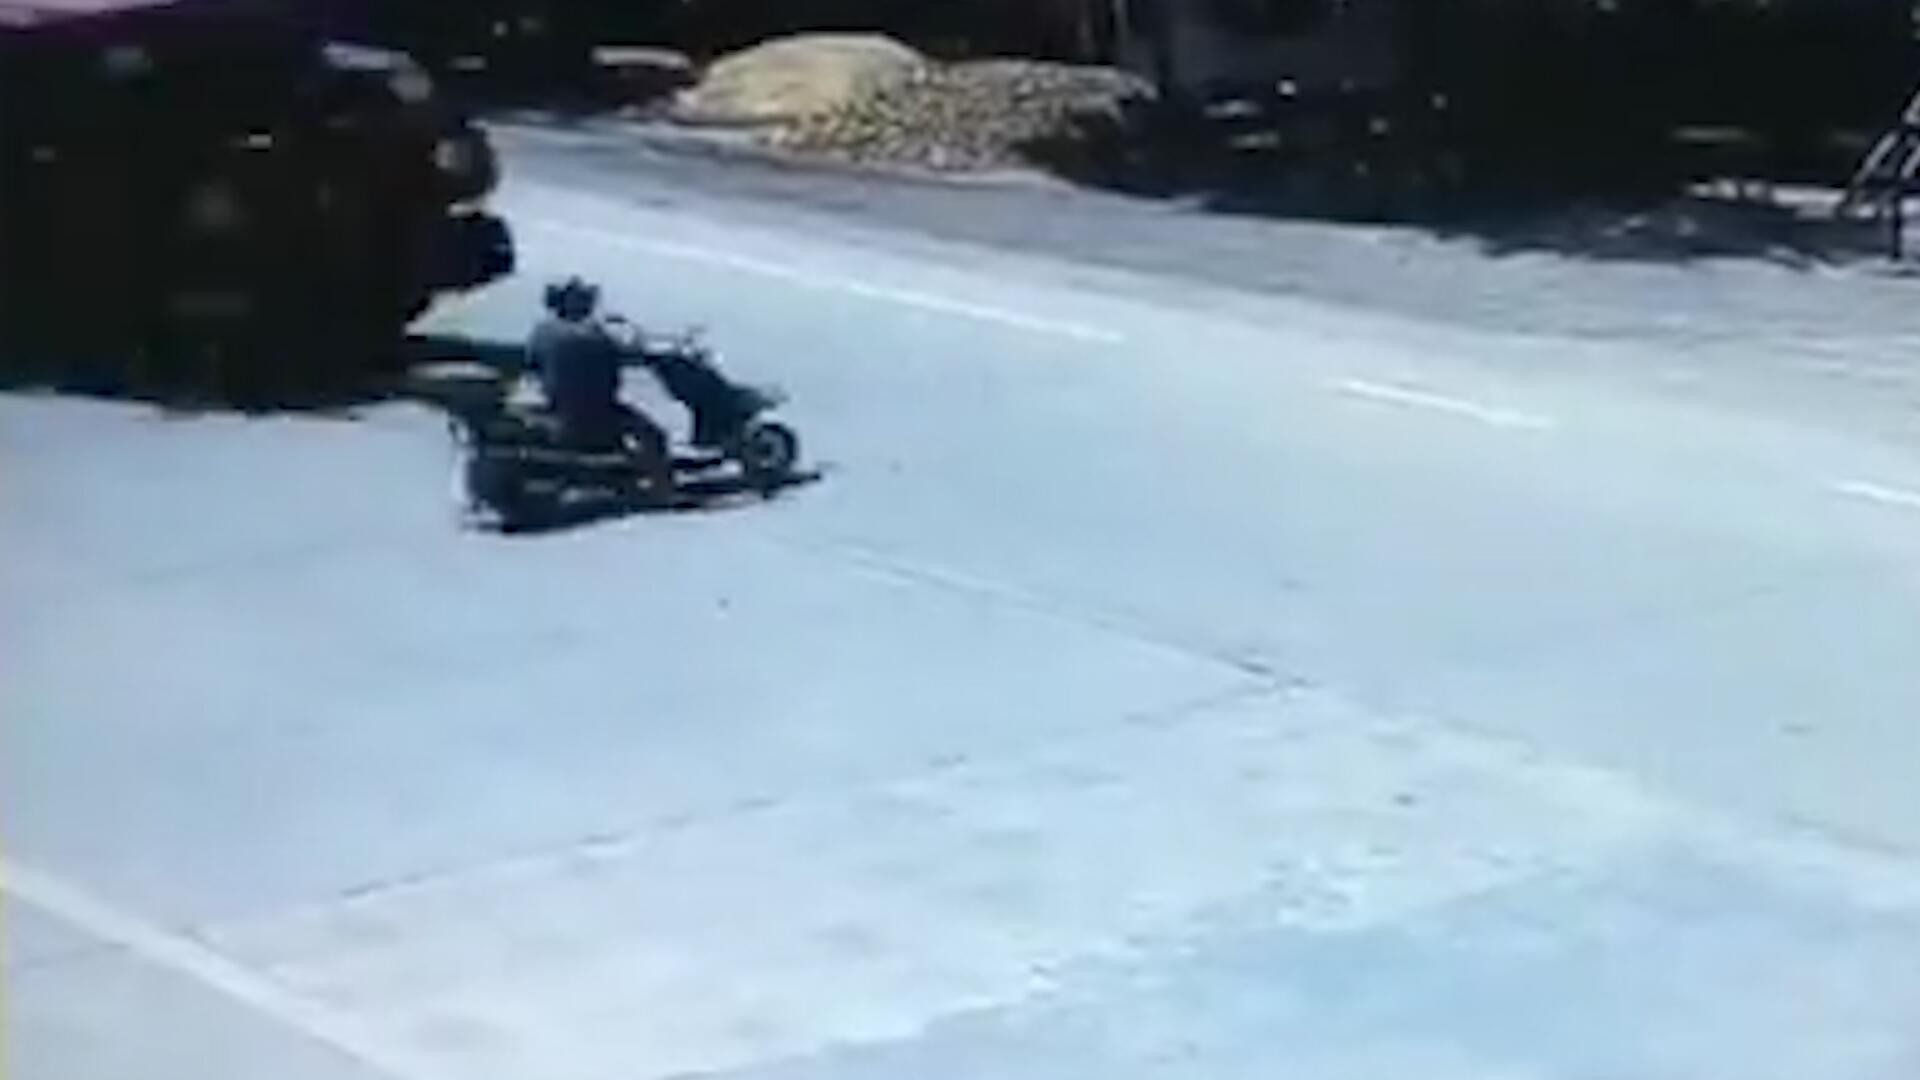 Bild zu Glück gehabt: Rollerfahrer wird von LKW überrollt und überlebt